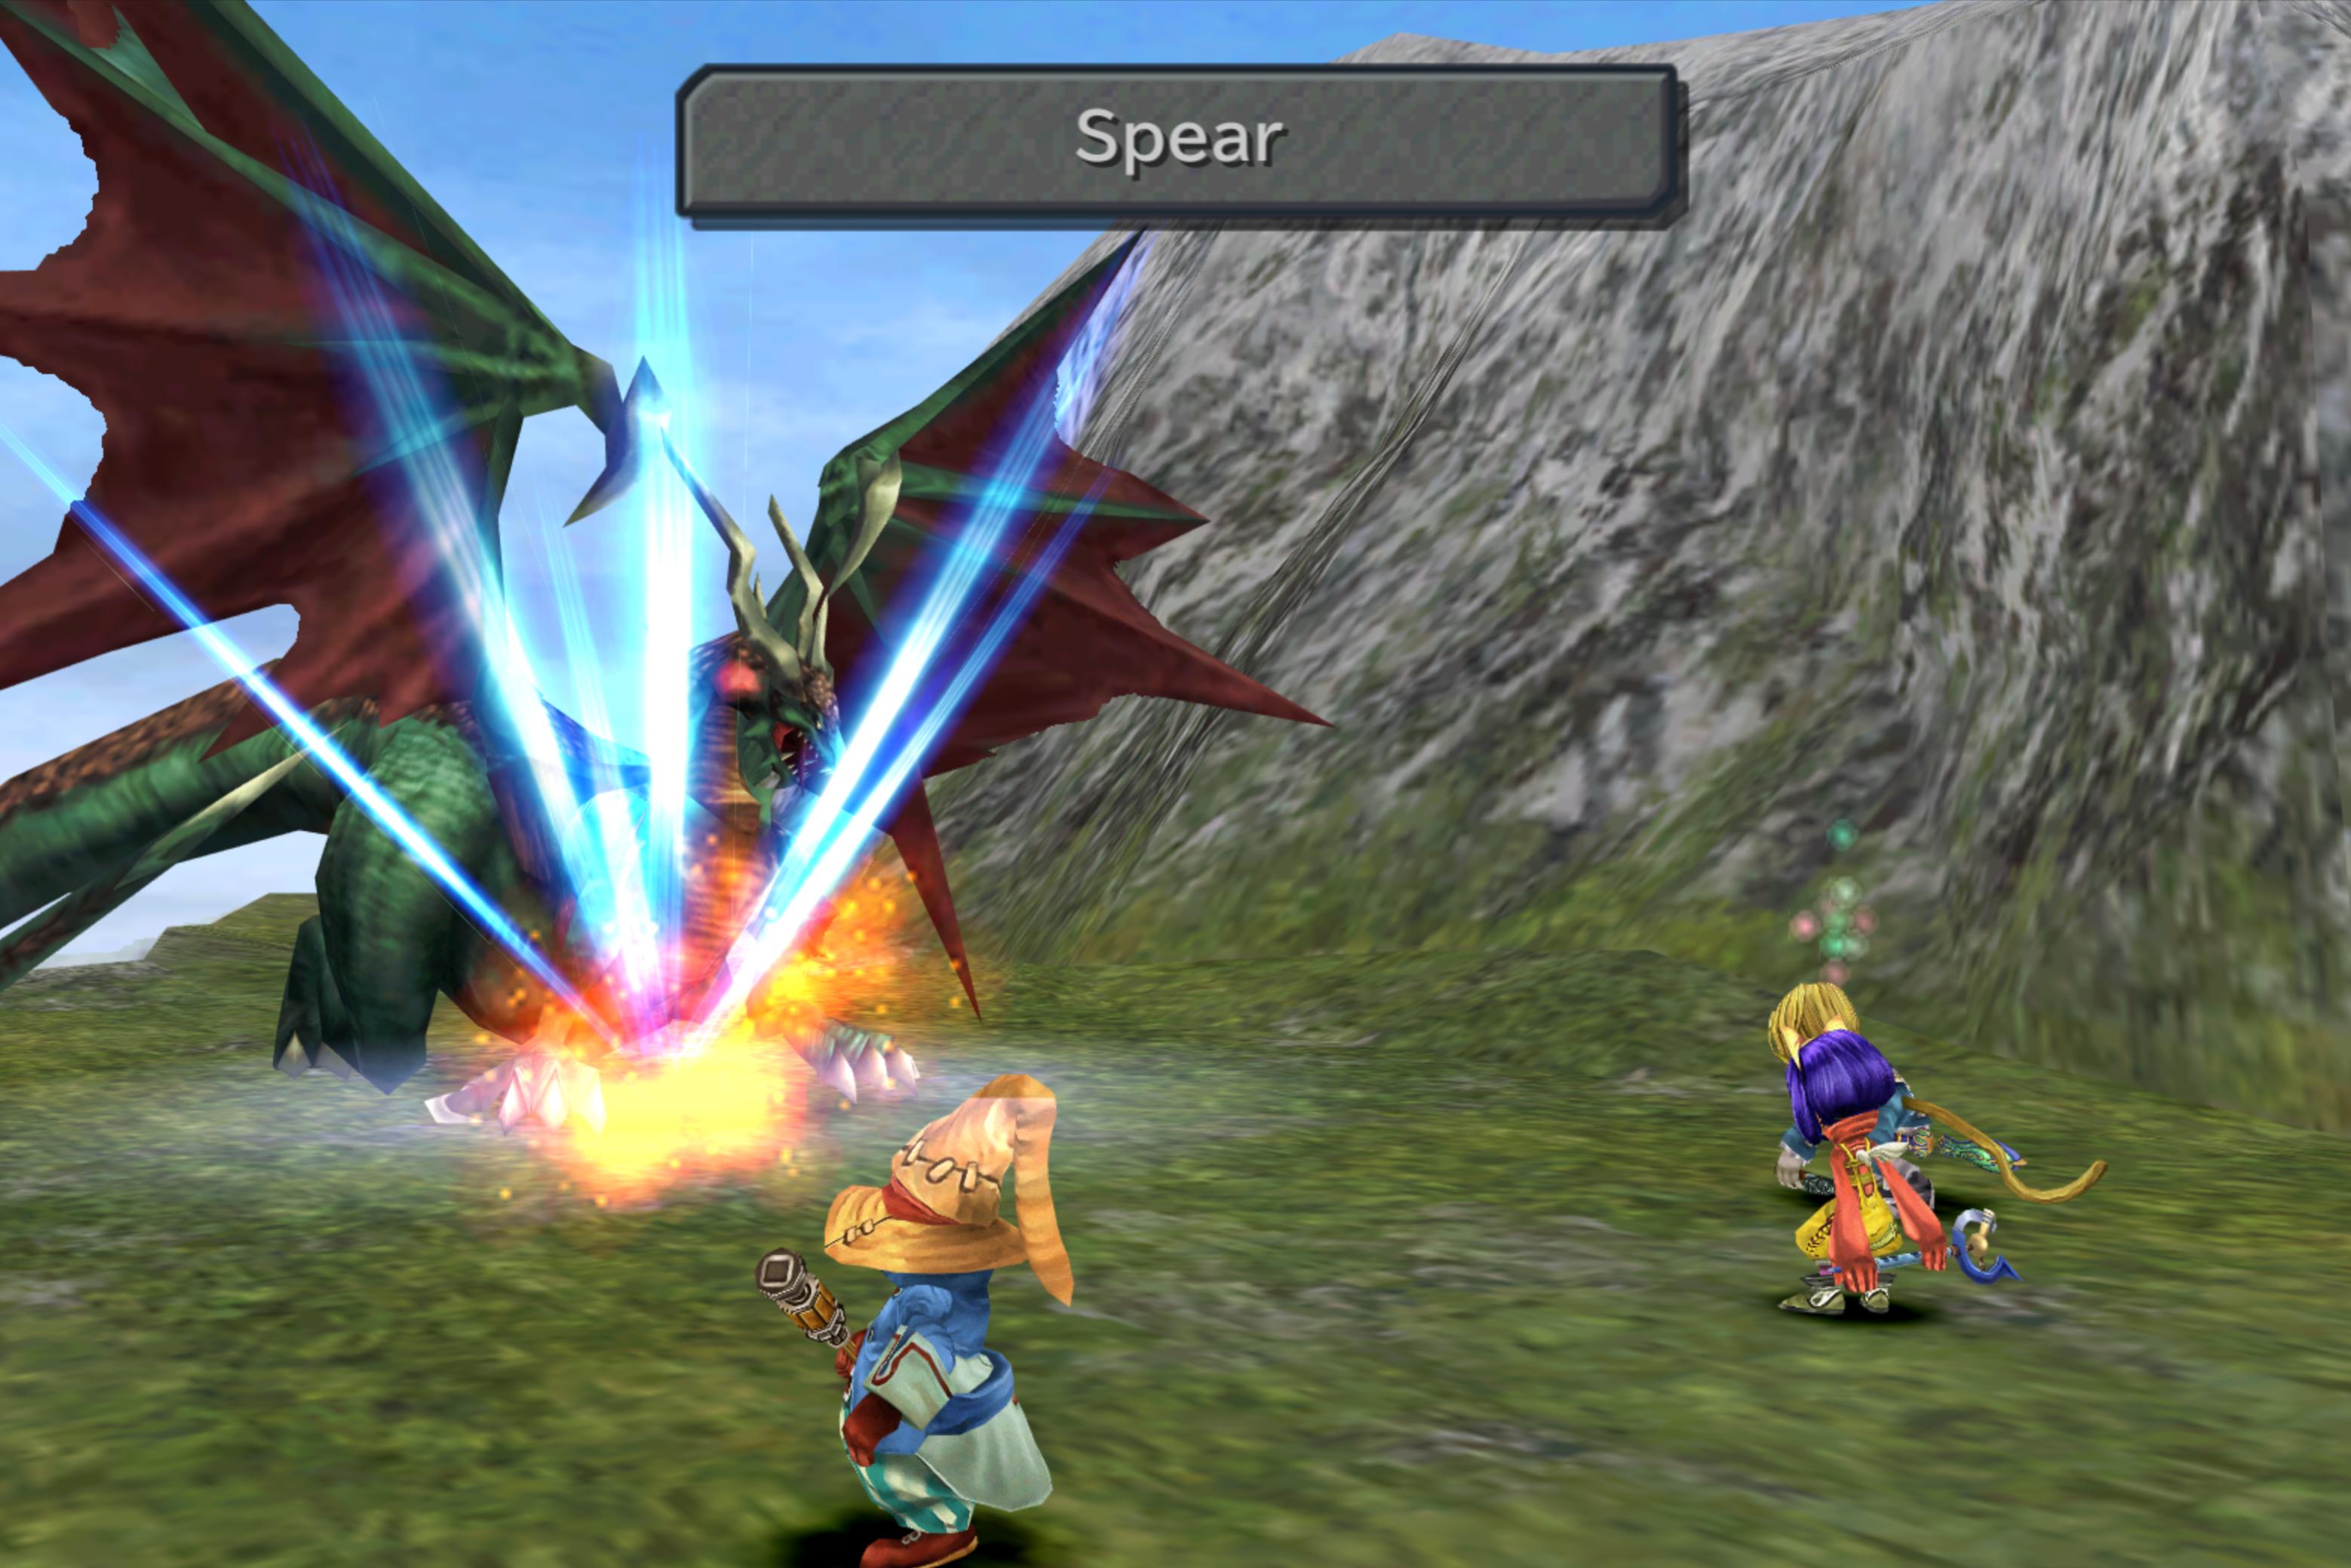 File:FFIX Spear.png